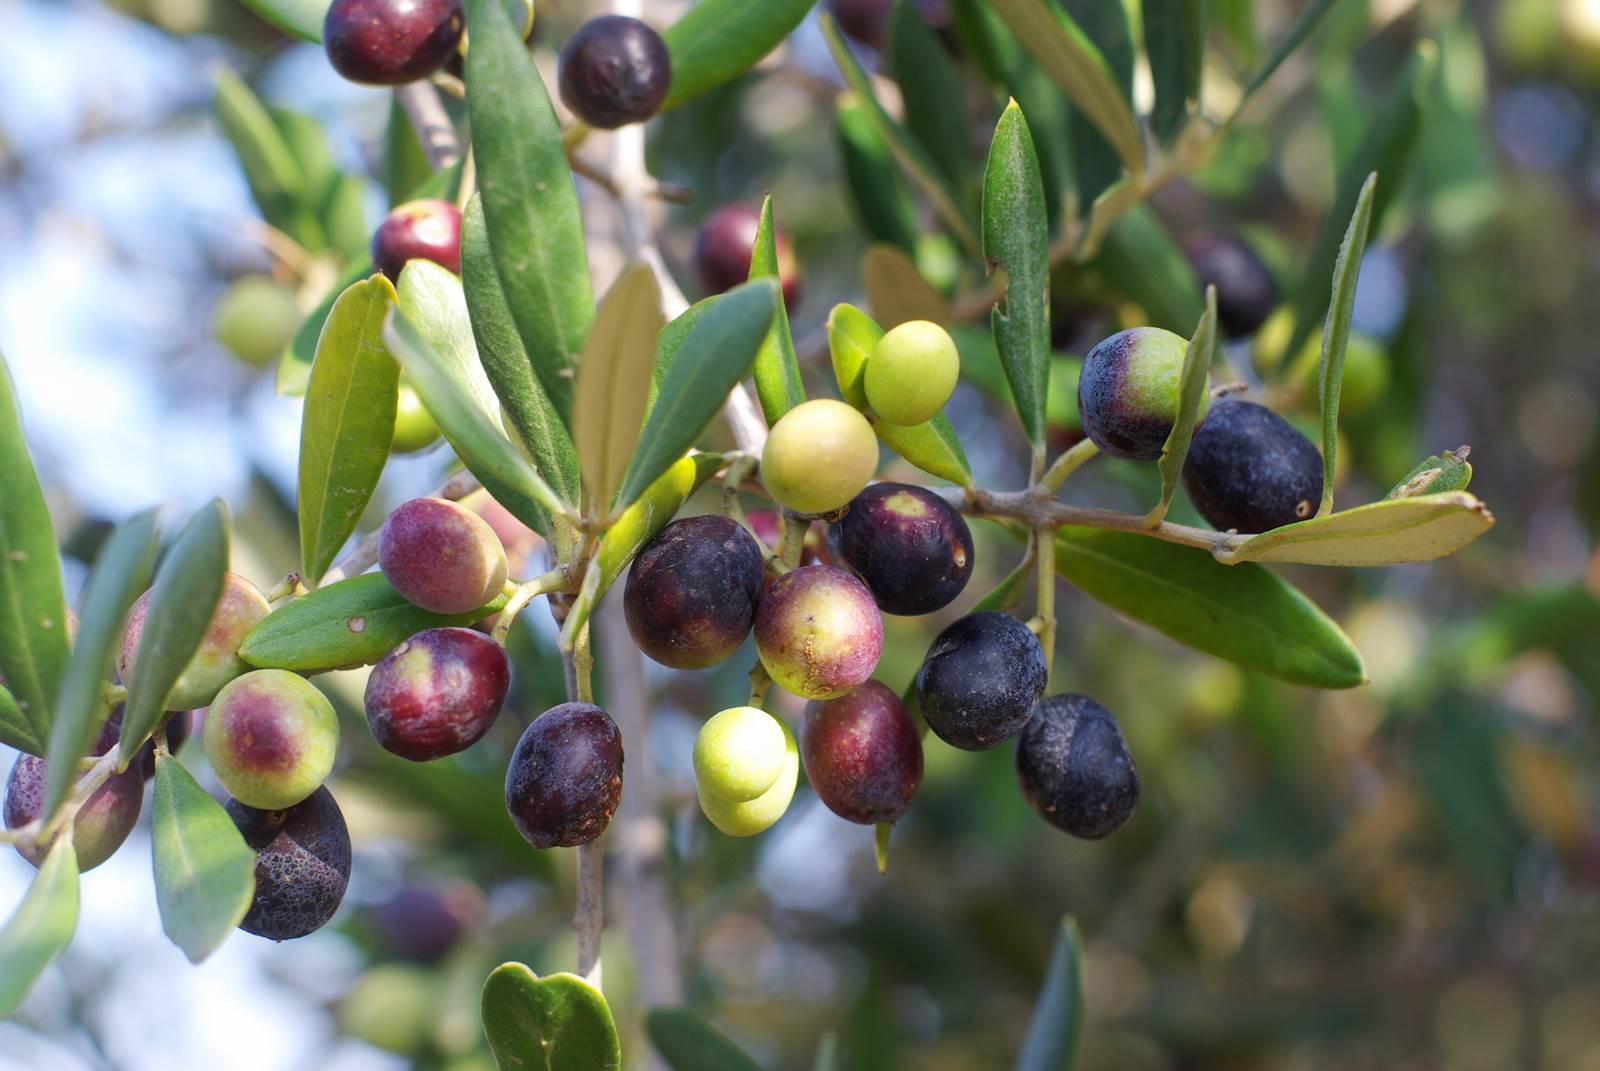 Il Cultive L Olivier l'olivier, un arbre de légende - la terre est un jardin